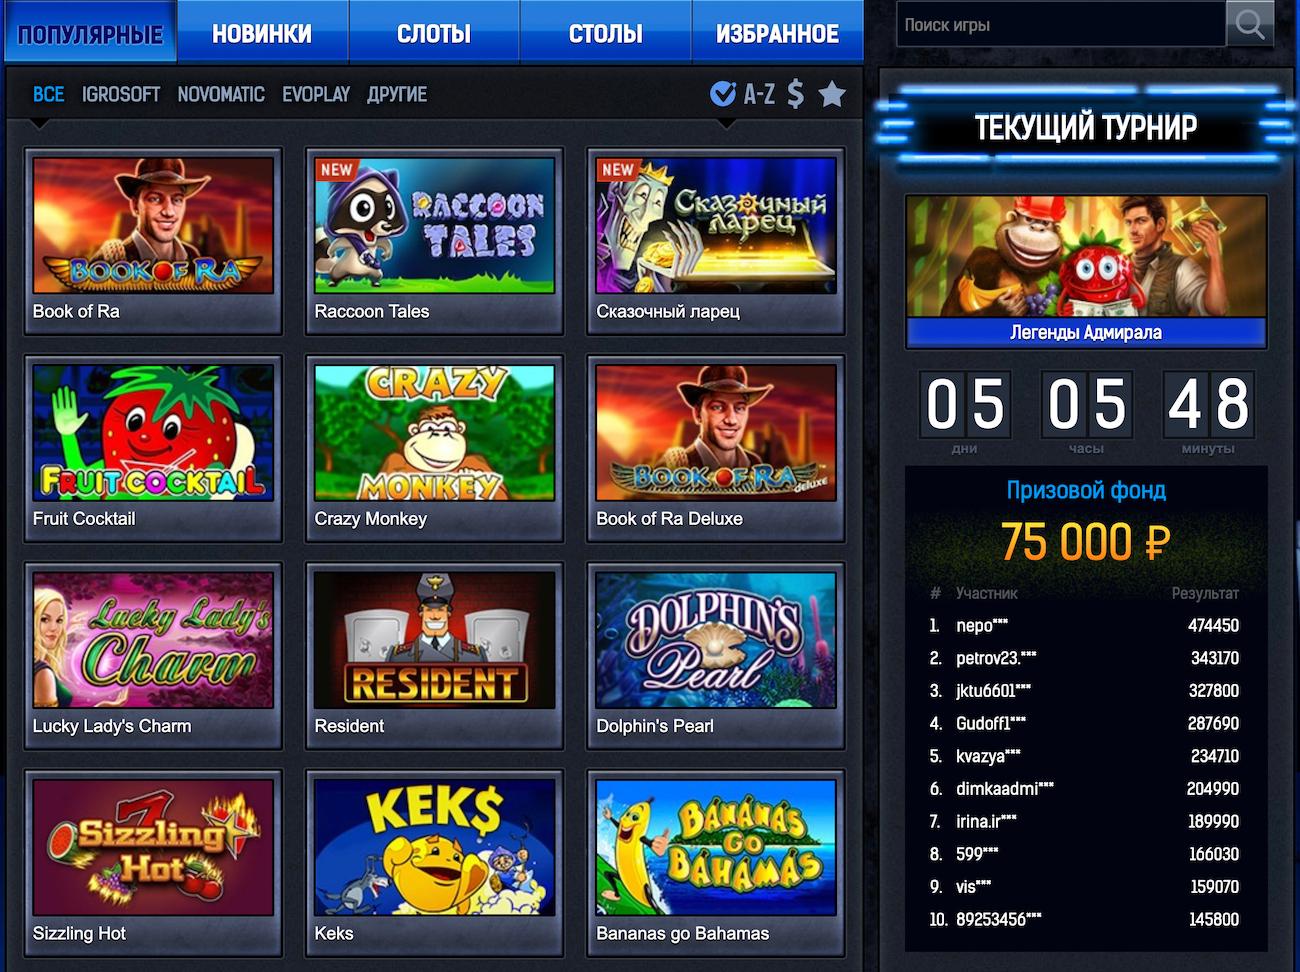 Игровые автоматы онлайн deluxe